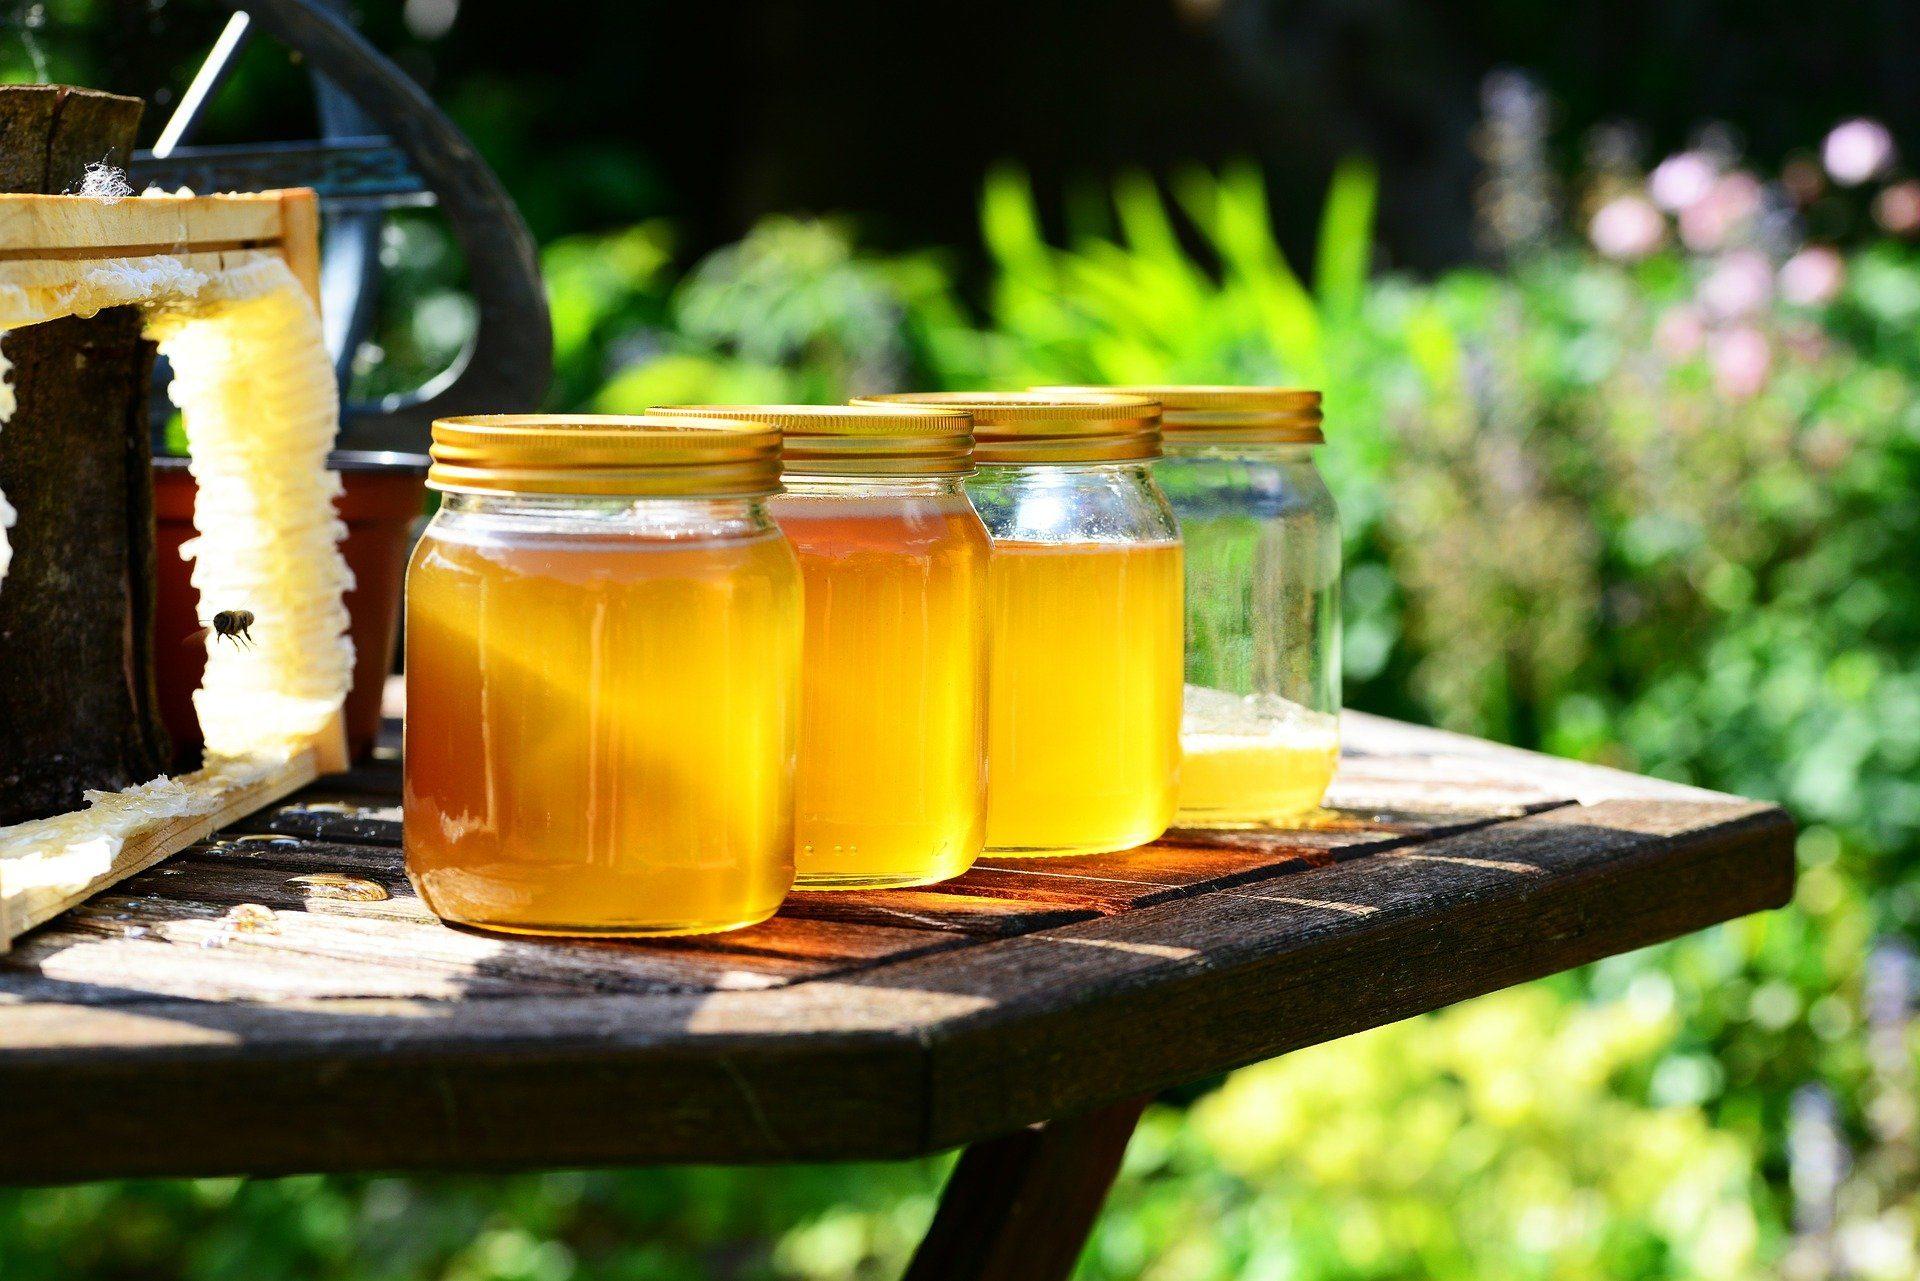 Matki pszczele do pasieki – na co zwrócić uwagę podczas zakupu?